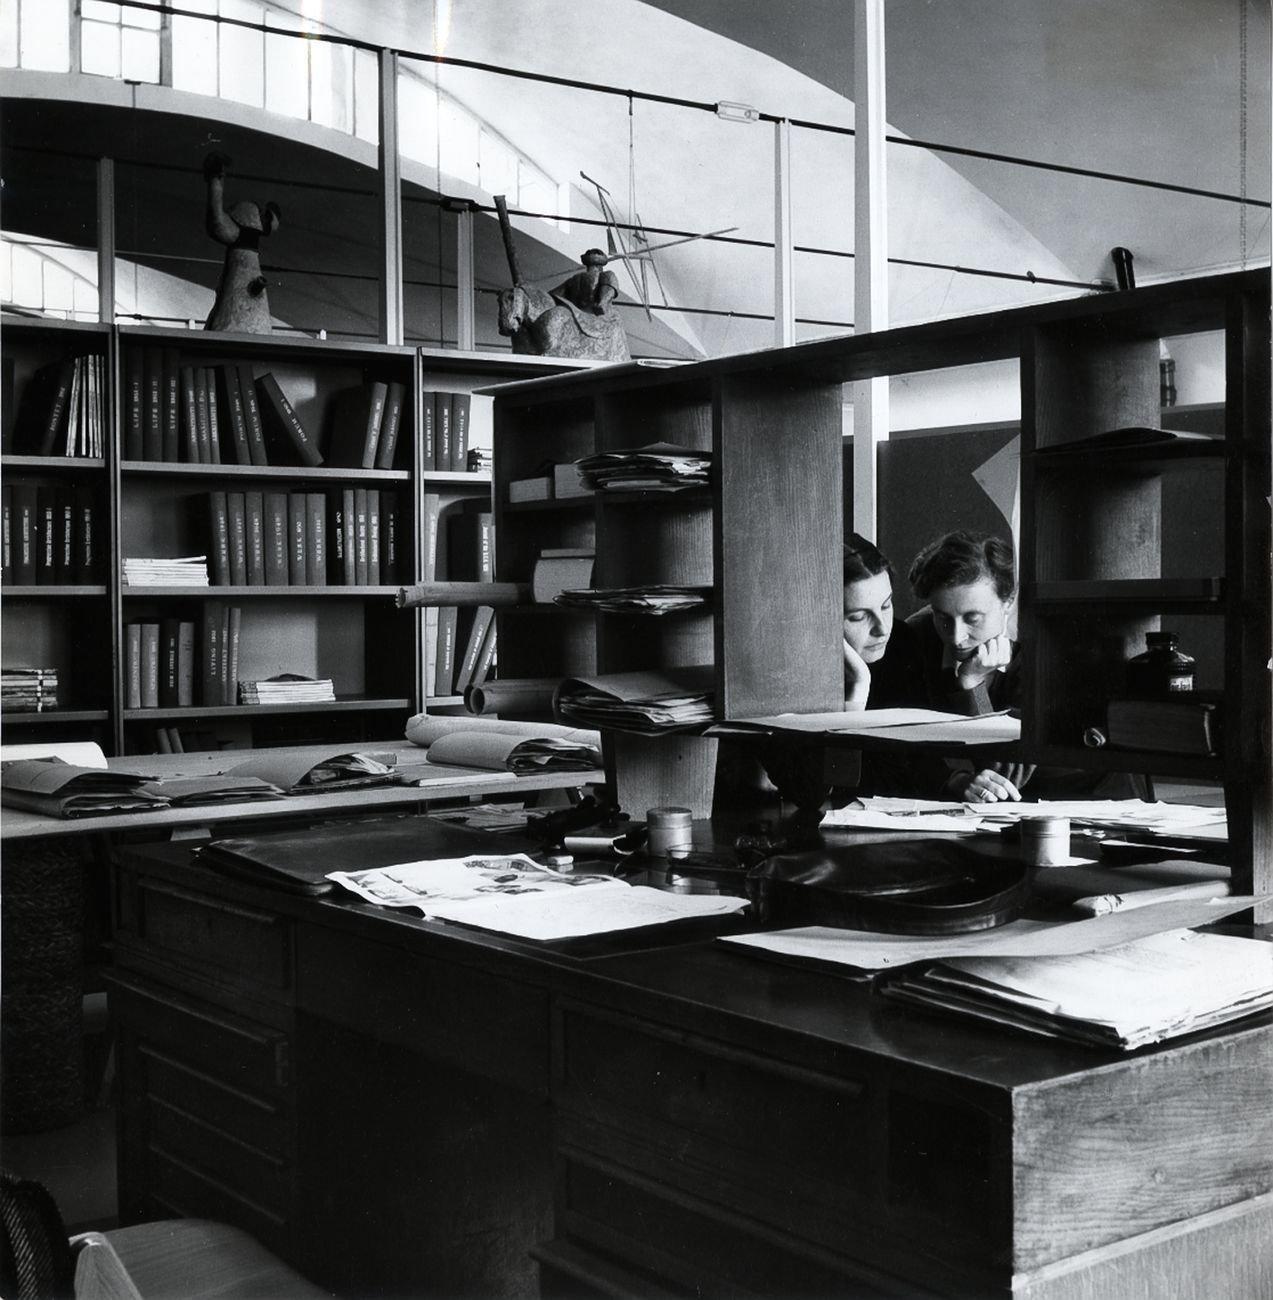 La redazione di Domus era nello studio di Gio Ponti, in un angolo dedicato. Qui Lisa Ponti ed Enrichetta Ritter al lavoro © Gio Ponti Archives